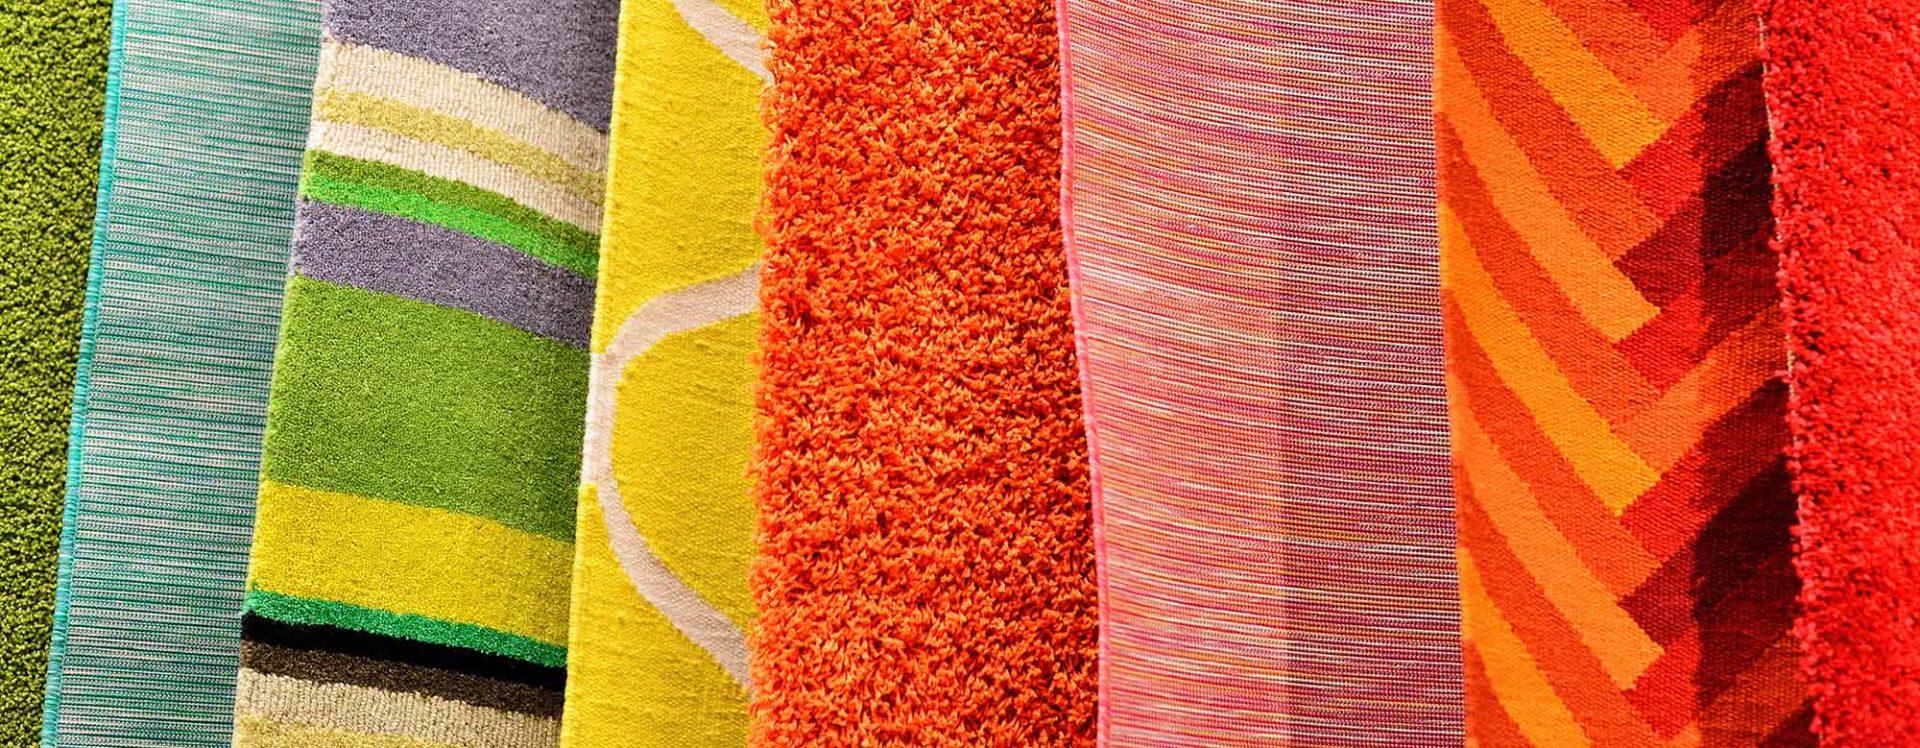 Aktuelle Trends: Teppiche